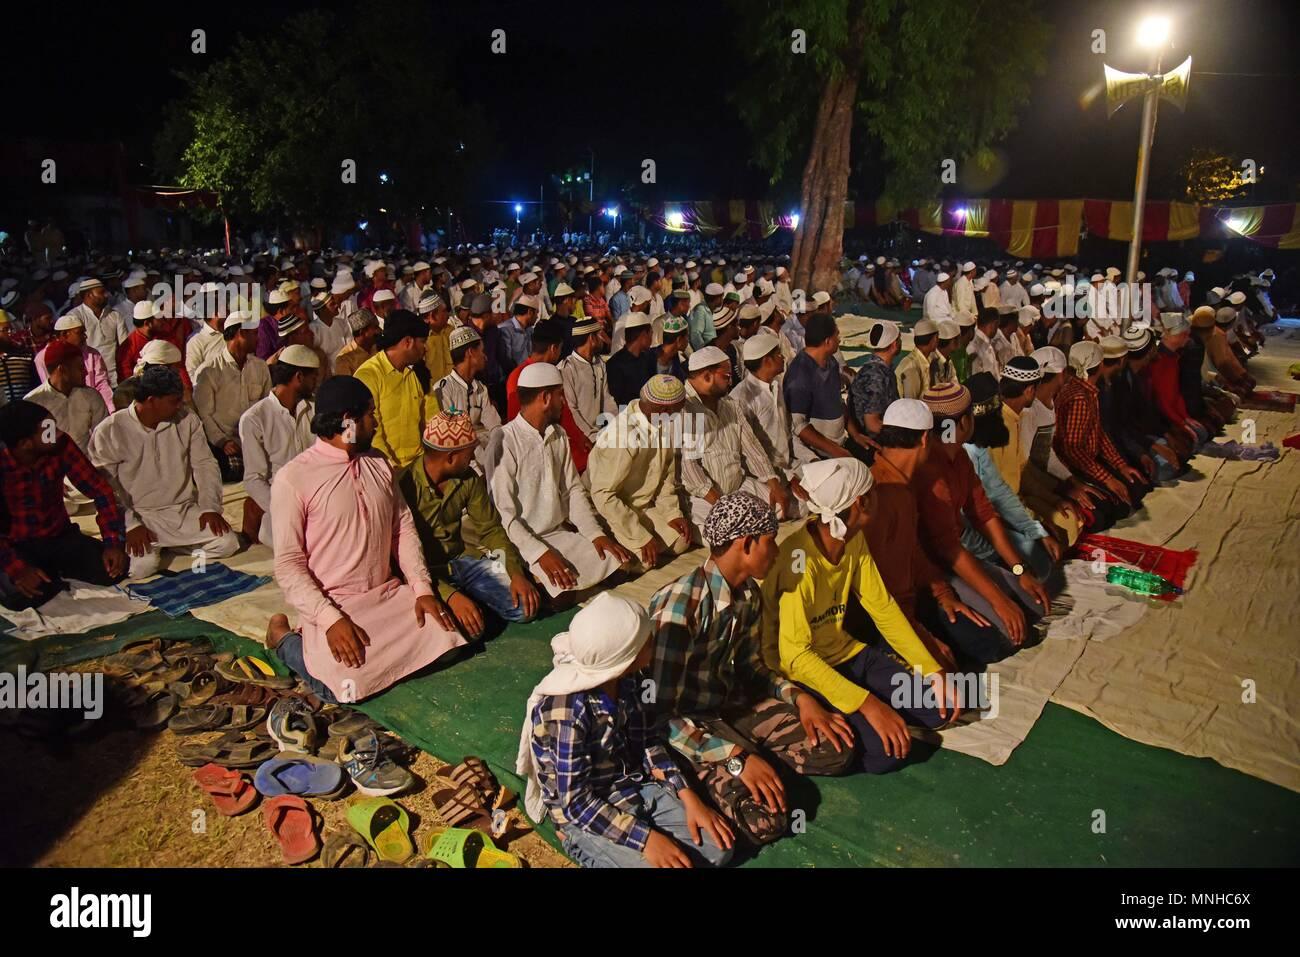 Allahabad, Uttar Pradesh, Inde. 17 mai, 2018. Allahabad: musulmans offrent des prières de nuit appelées tarawih pendant le mois de Ramadan à Allahabad, Ramadan est le neuvième mois du calendrier islamique, et le mois où le Coran a été révélé, le jeûne pendant le mois du Ramadan est un des cinq piliers de l'Islam. Le mois est passé par les musulmans le jeûne pendant le jour de l'aube au coucher du soleil. Credit: Prabhat Kumar Verma/ZUMA/Alamy Fil Live News Banque D'Images